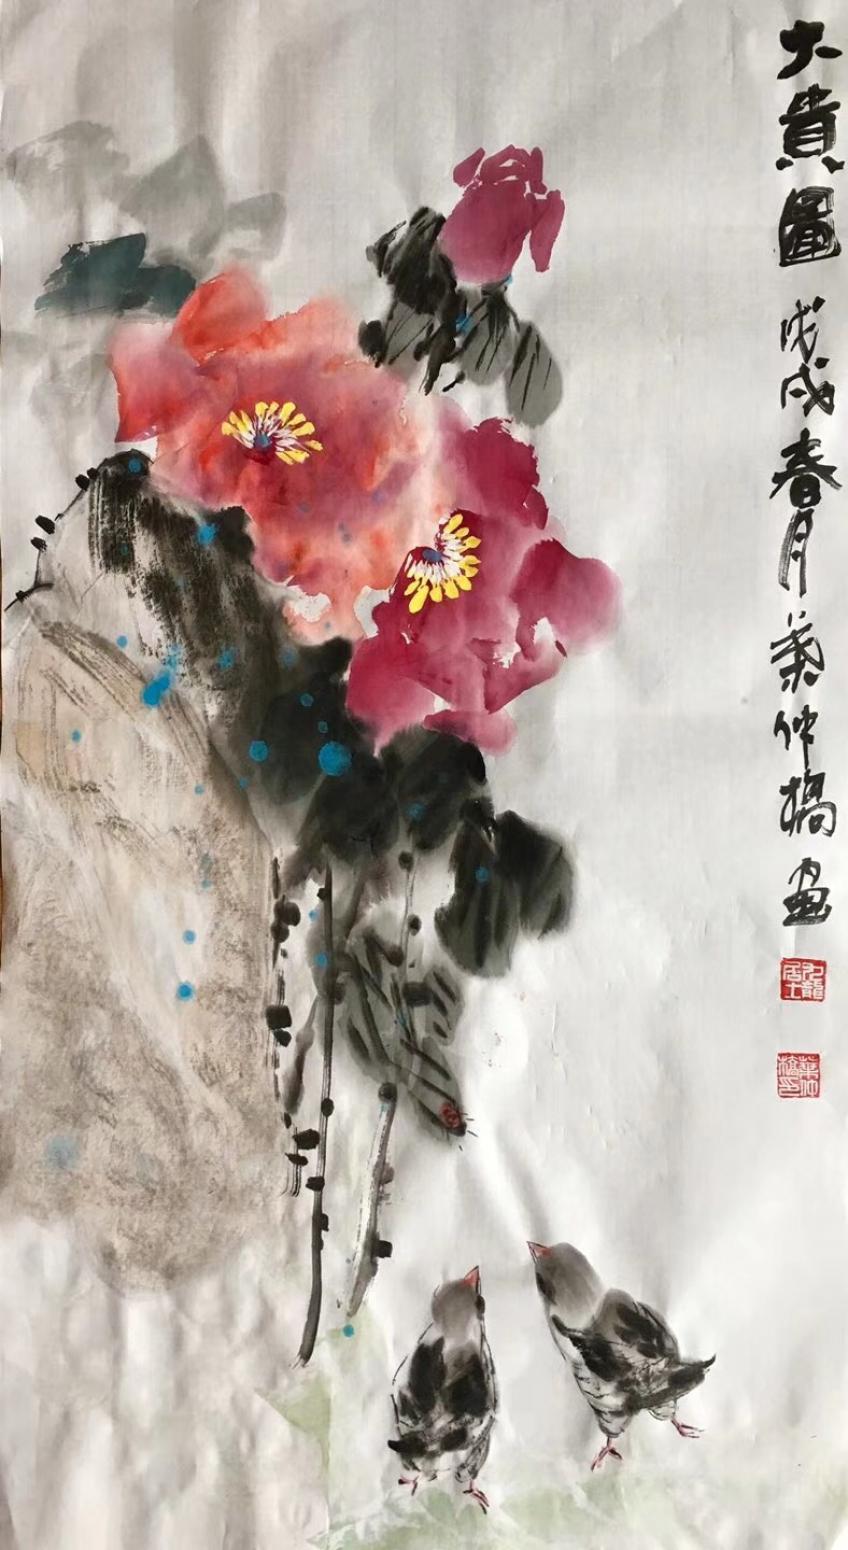 叶仲桥国画作品《大贵图》